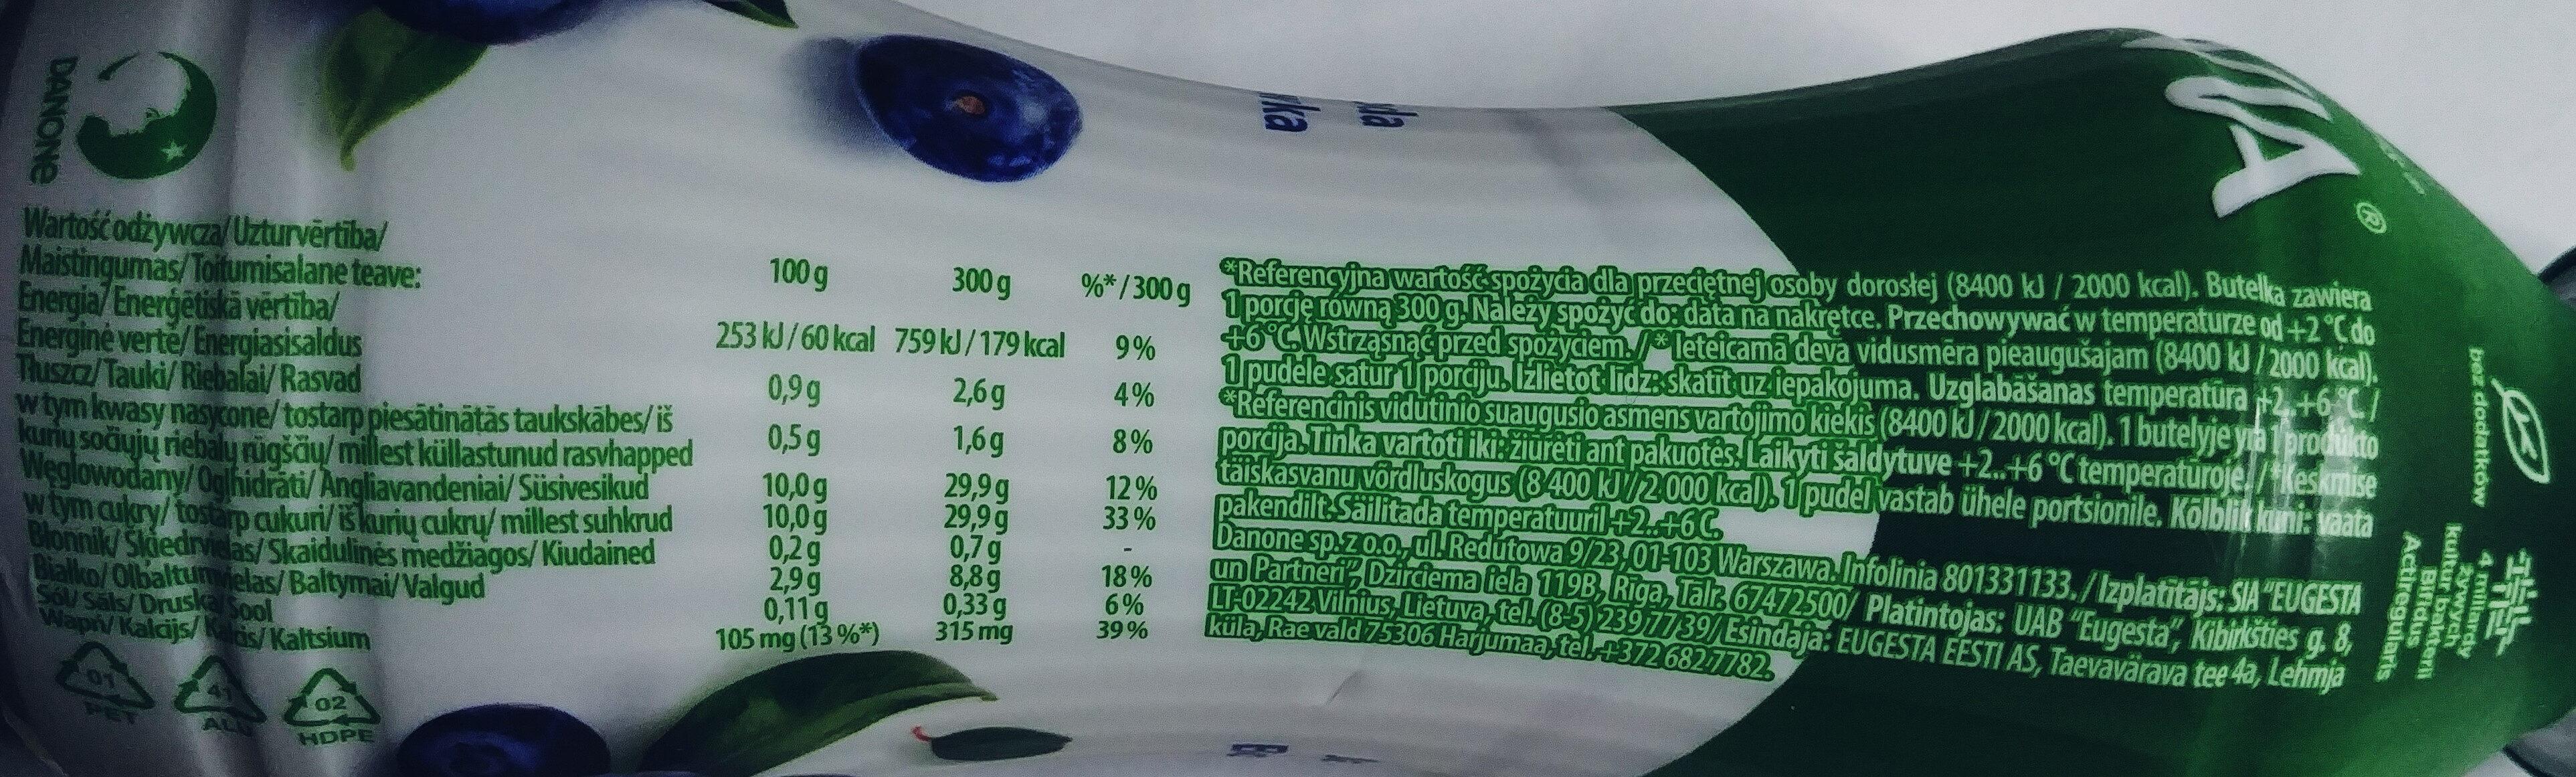 Jogurt o smaku jagody - borówki amerykańskiej ze szczepem bakterii ActiRegularis - Nutrition facts